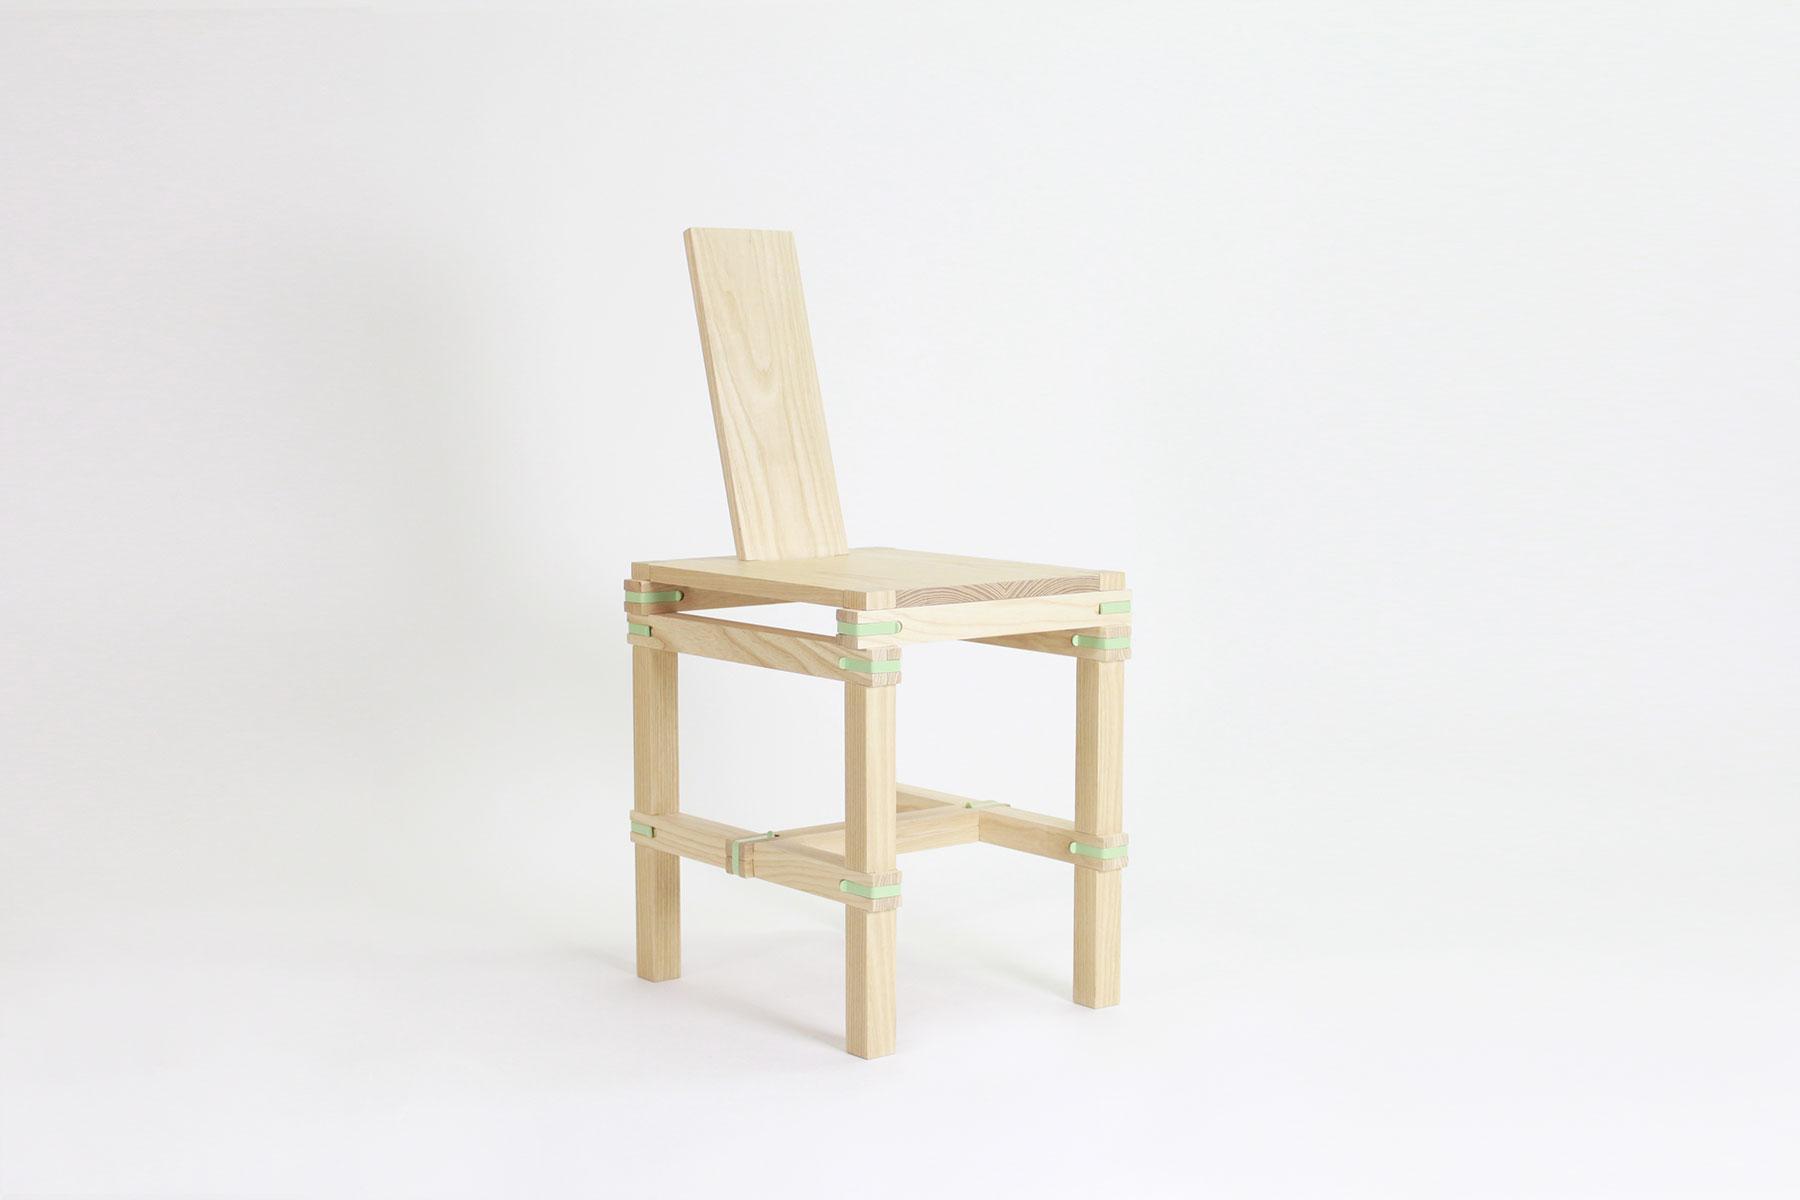 Nomadic Chair / Jorge Penades